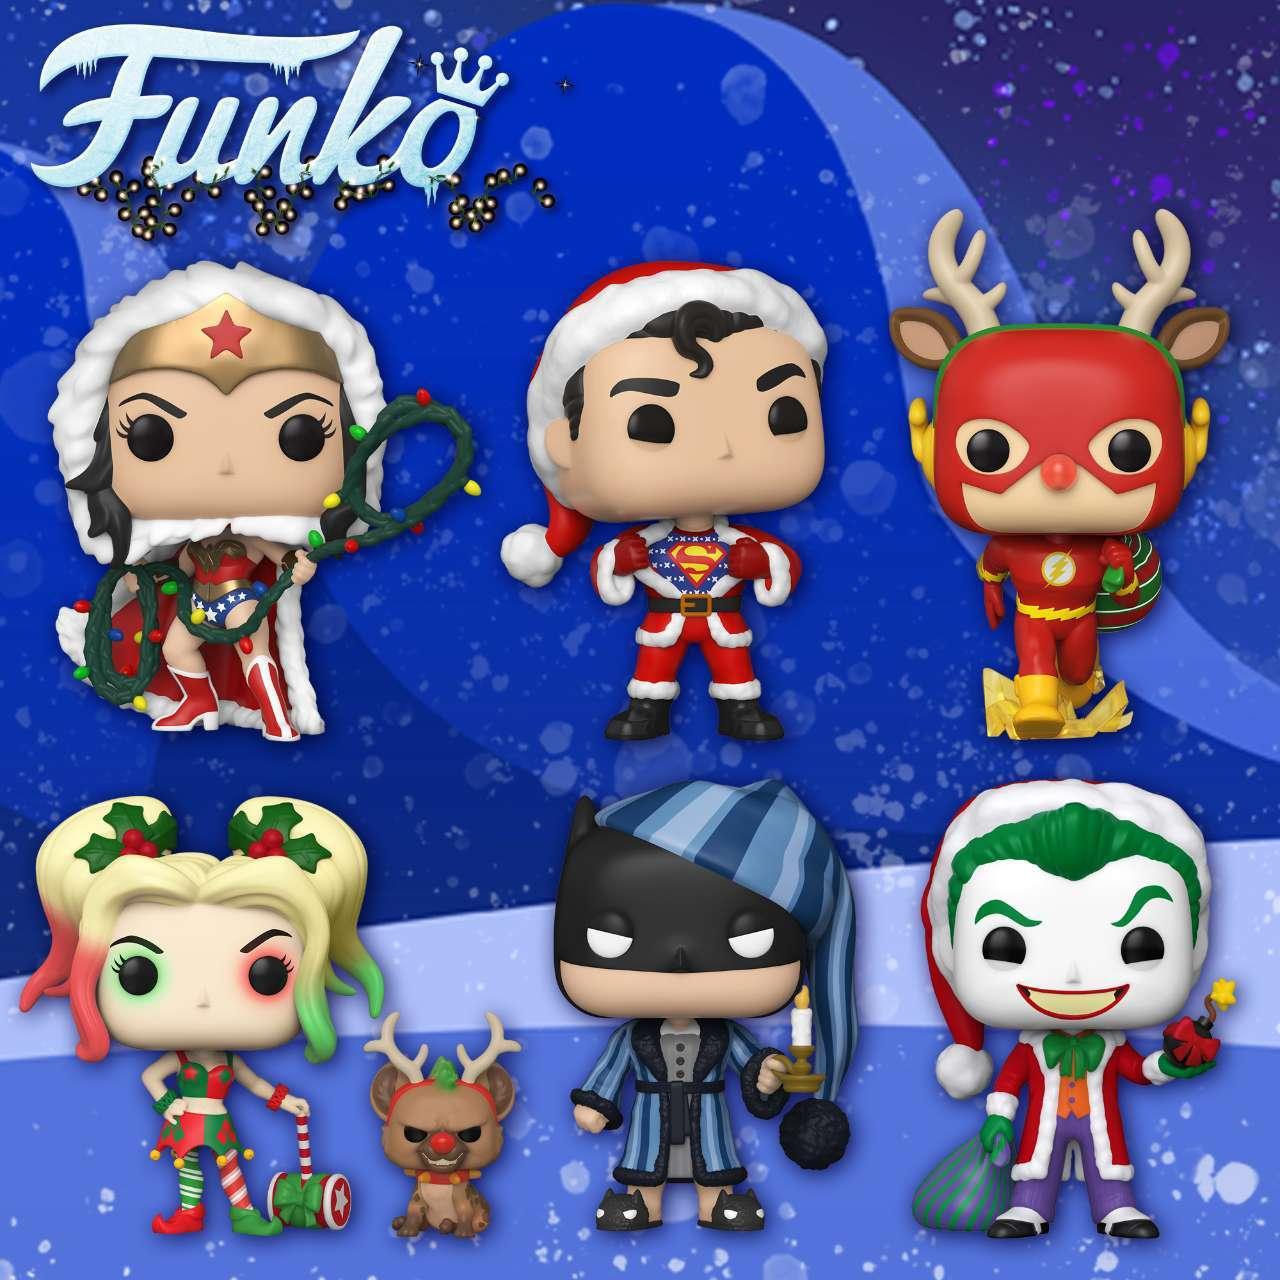 Surprise! Funko reveals festive DC Comics superheroes for Christmas 2020.